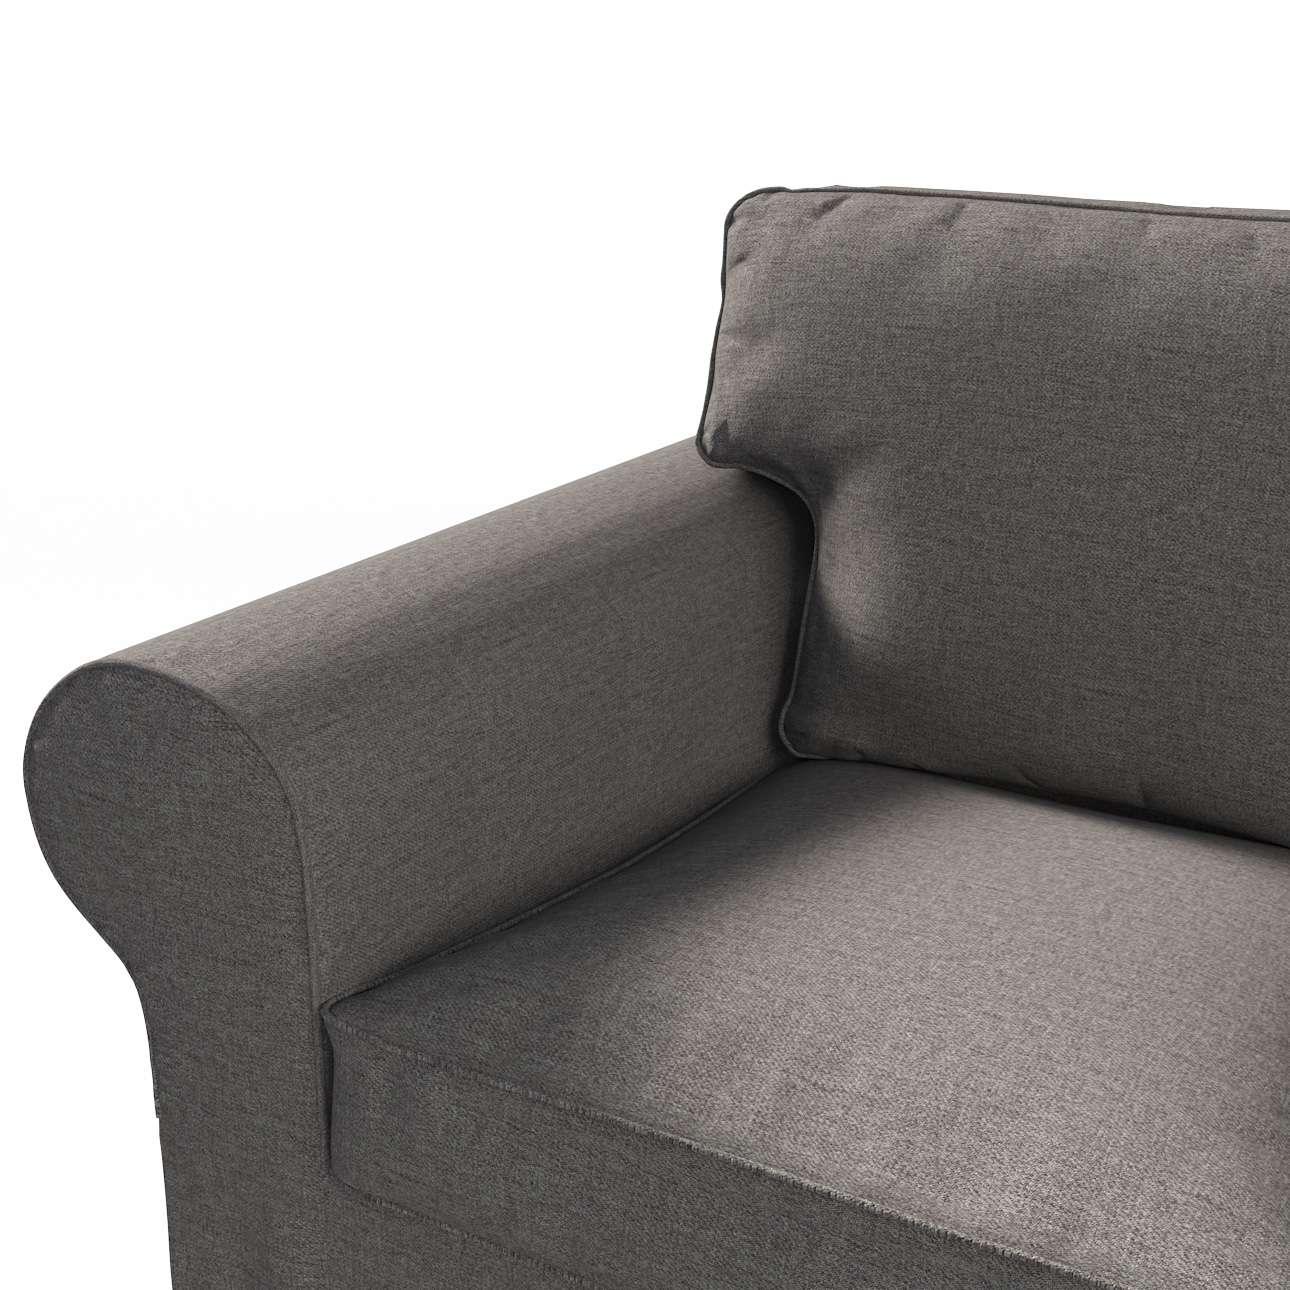 Pokrowiec na sofę Ektorp 3-osobową, rozkładaną NOWY MODEL 2013 Ektorp 3-os rozkładany nowy model 2013 w kolekcji Edinburgh, tkanina: 115-77